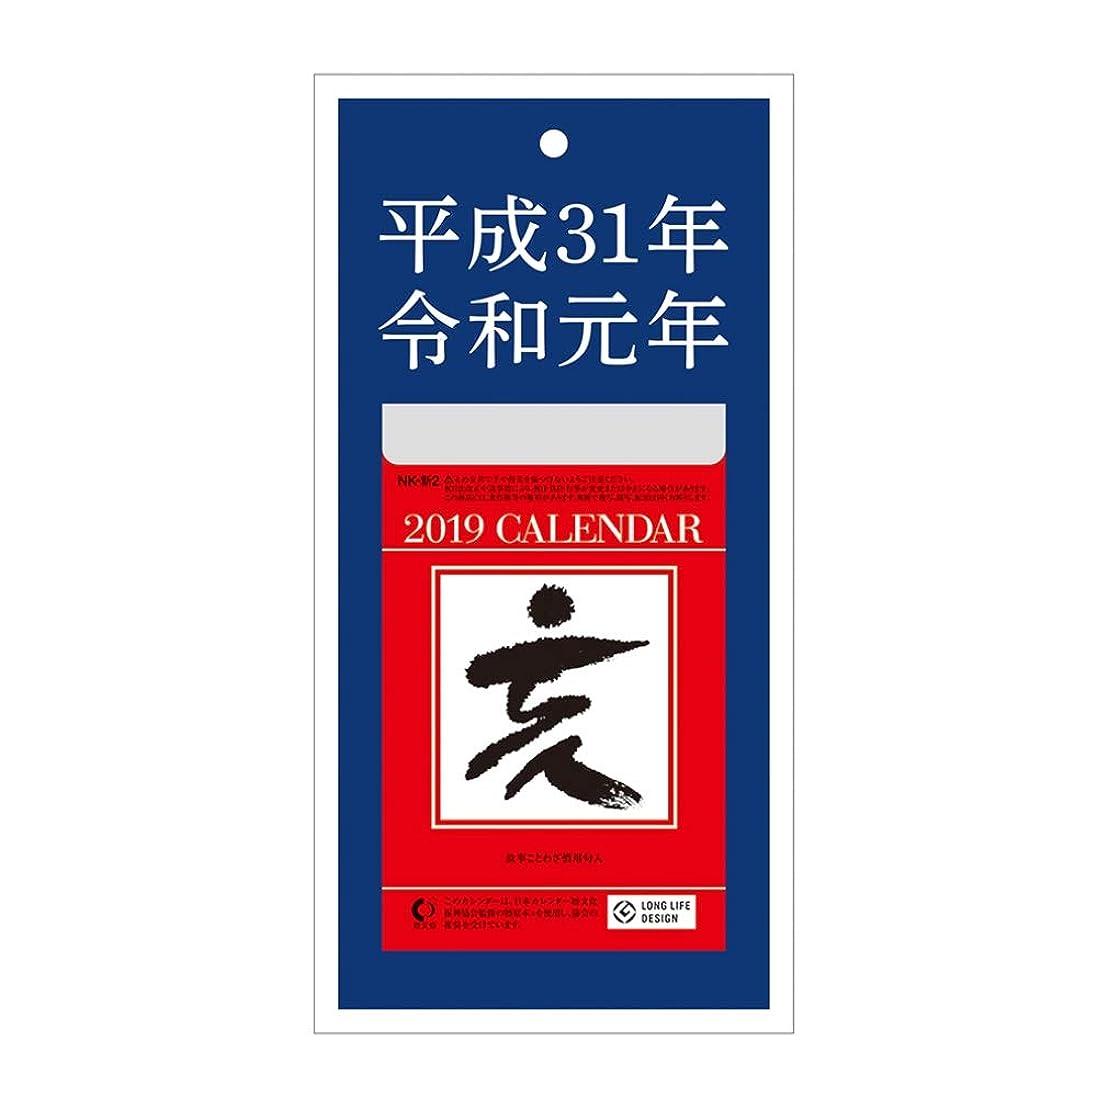 架空の投票カレッジ新日本カレンダー 2019年 令和 新元号記念 カレンダー 日めくり 2号 NK8005 (2019年 1月始まり)